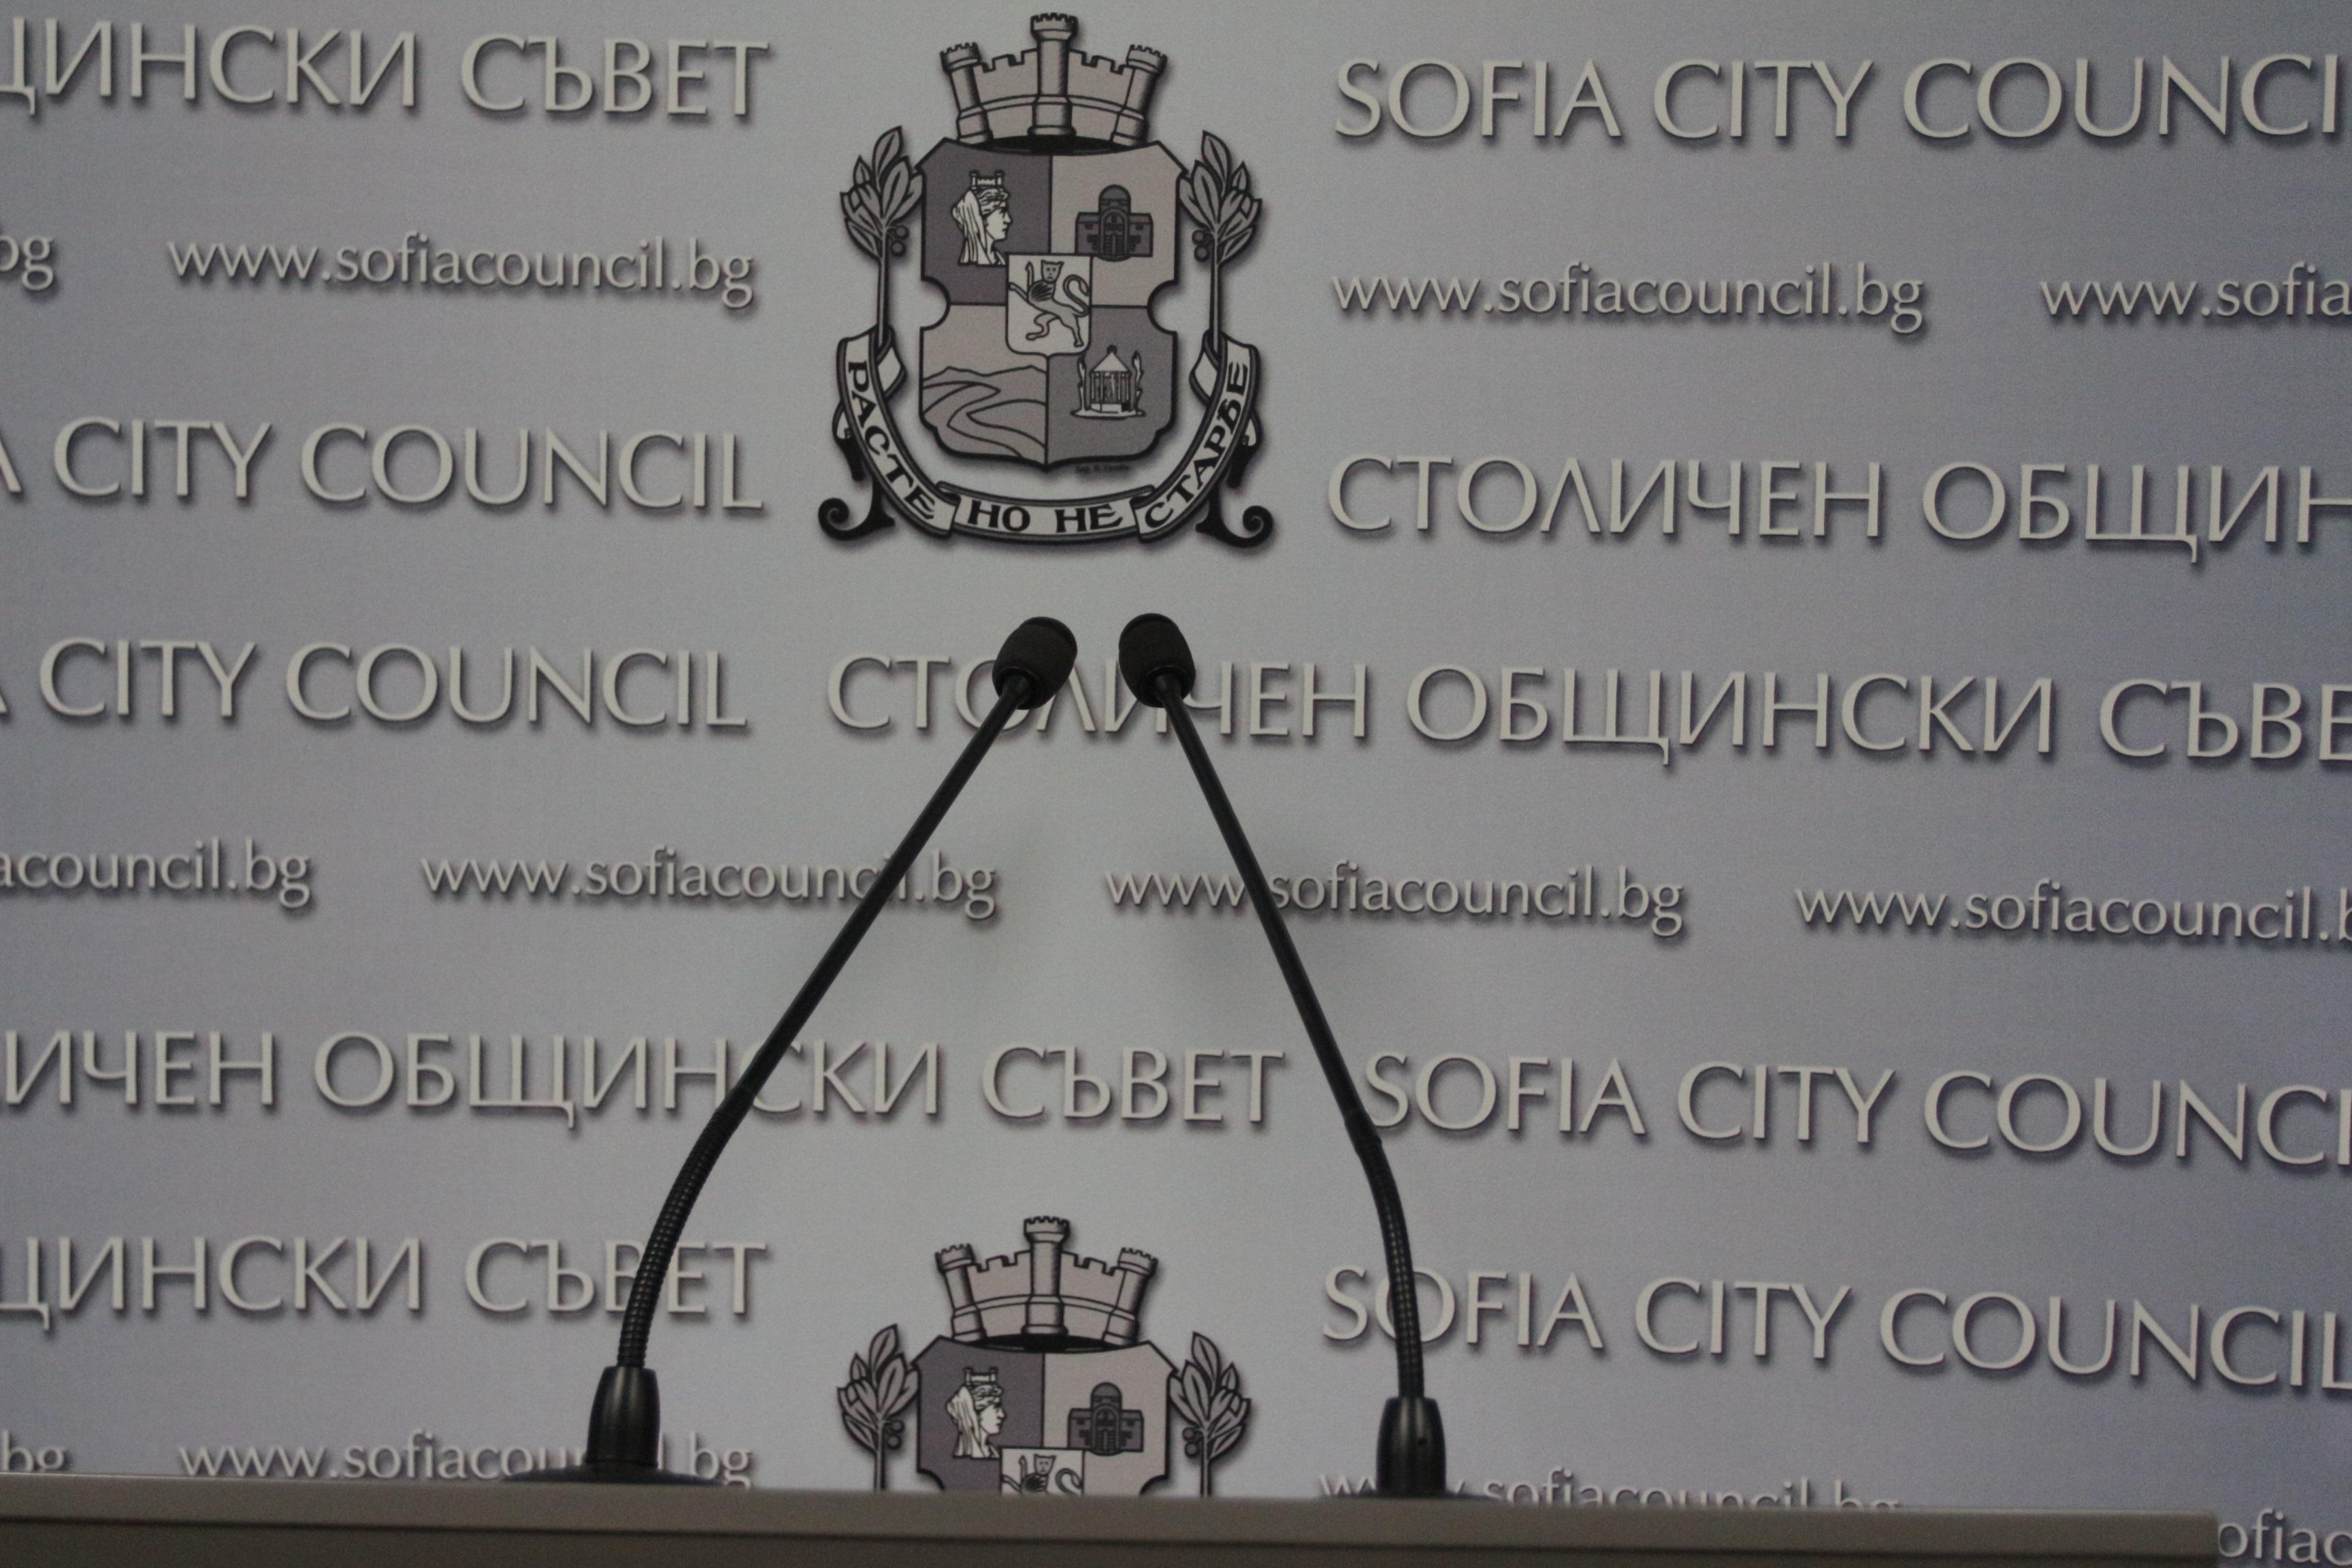 Столичен общински съвет  заседава на 10 септември